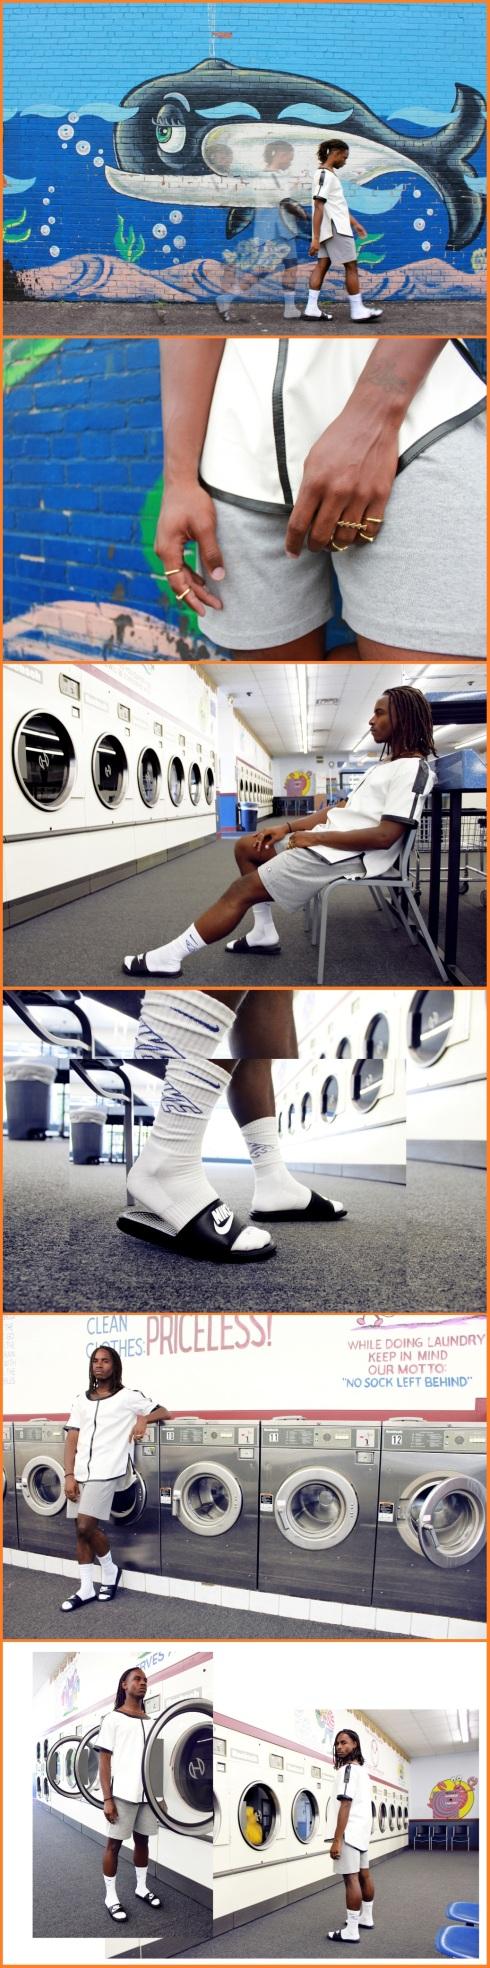 LaundryDuty